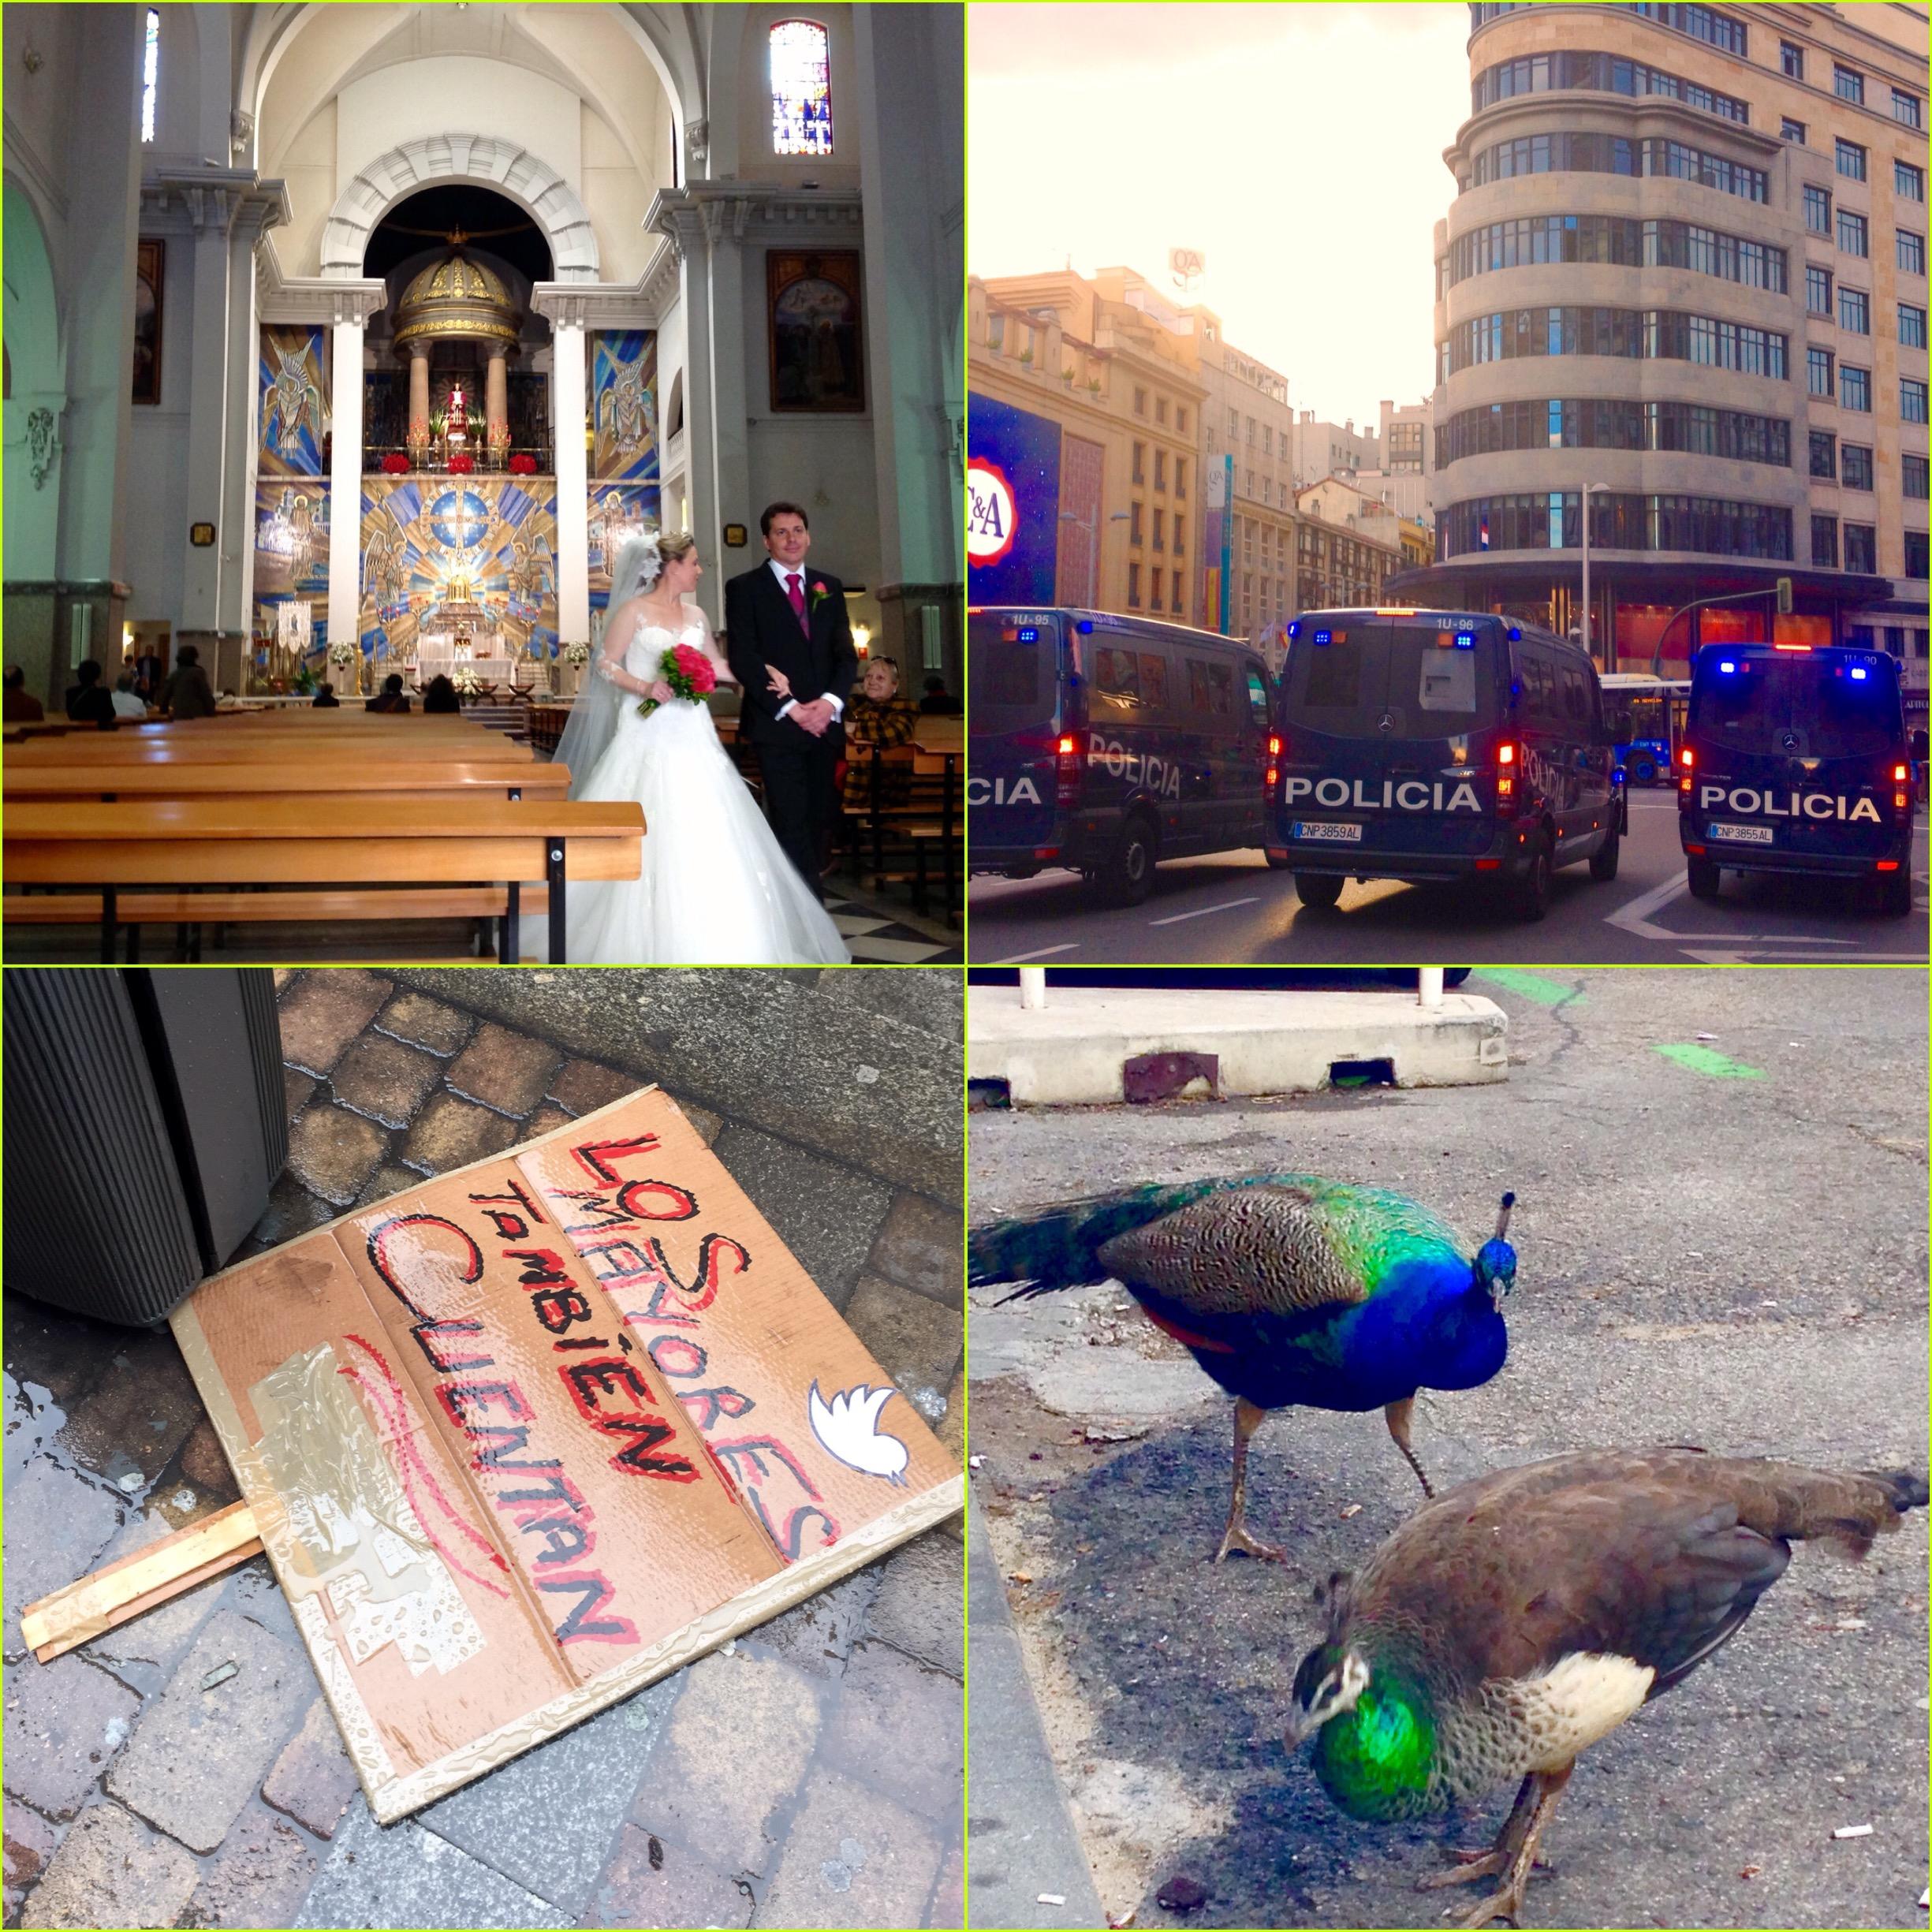 Una escapada a Madrid, done el trabajo se complementa con el ocio y saber vivir.